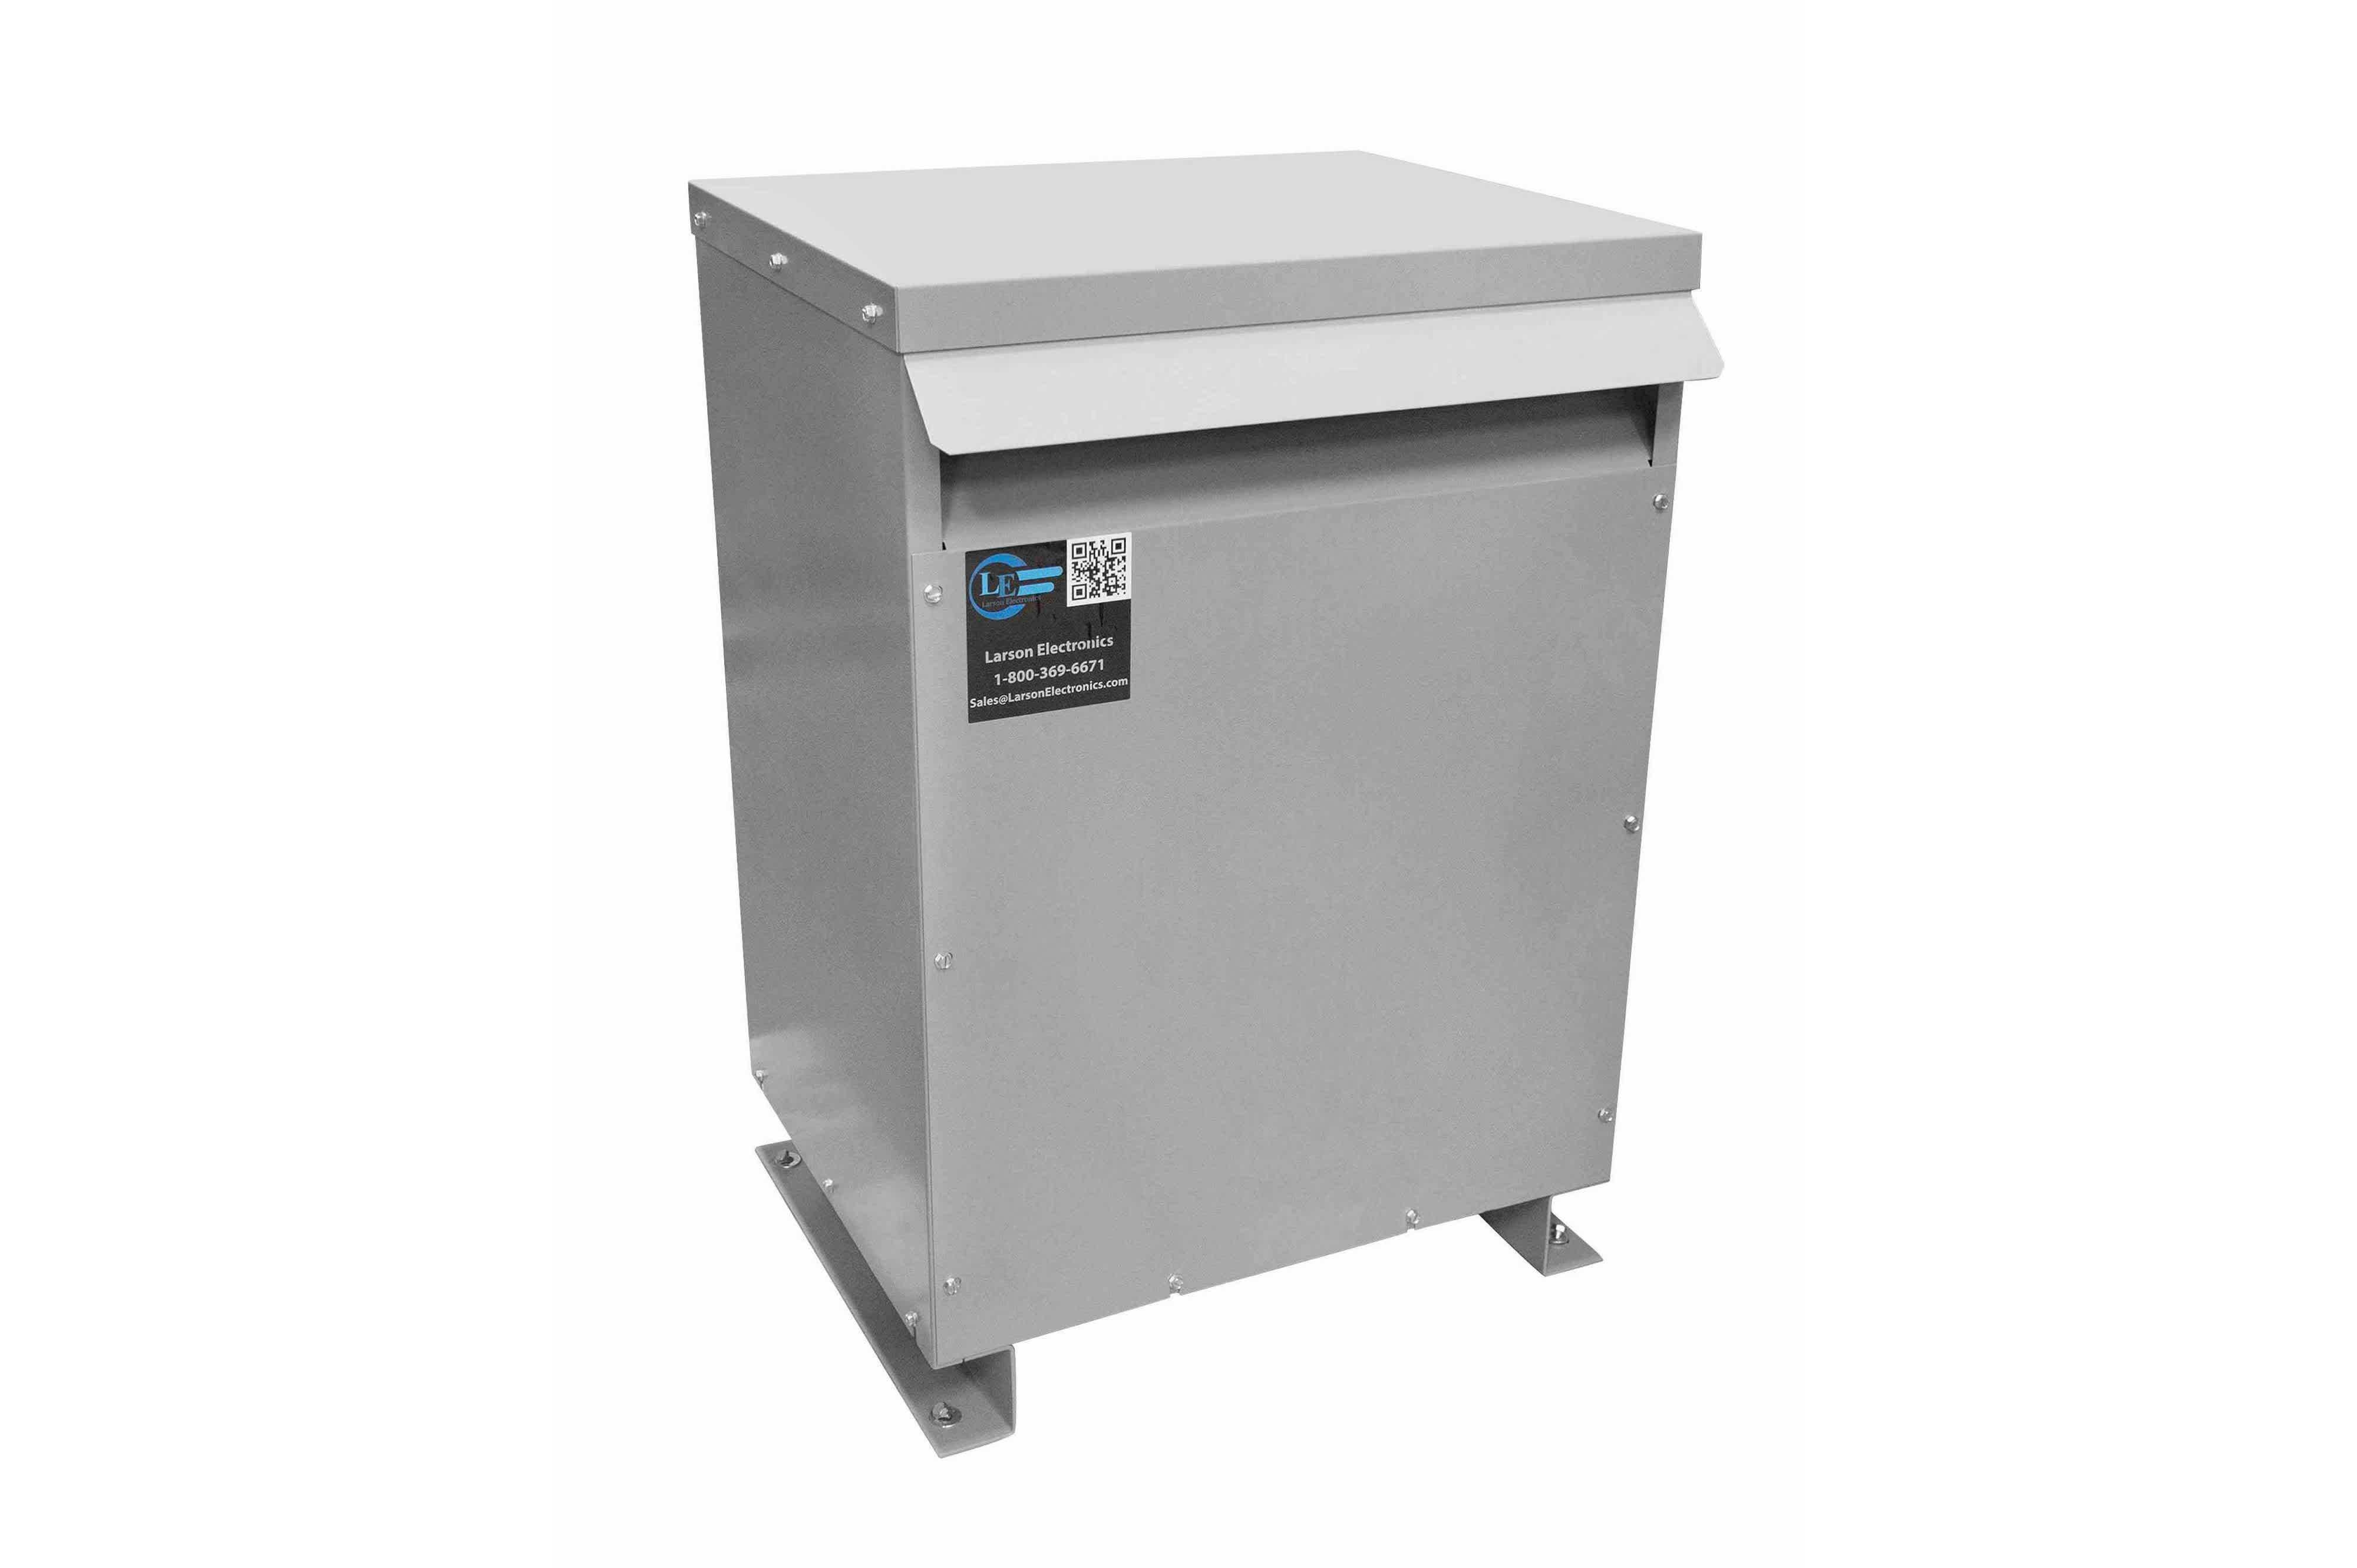 20 kVA 3PH Isolation Transformer, 575V Delta Primary, 480V Delta Secondary, N3R, Ventilated, 60 Hz